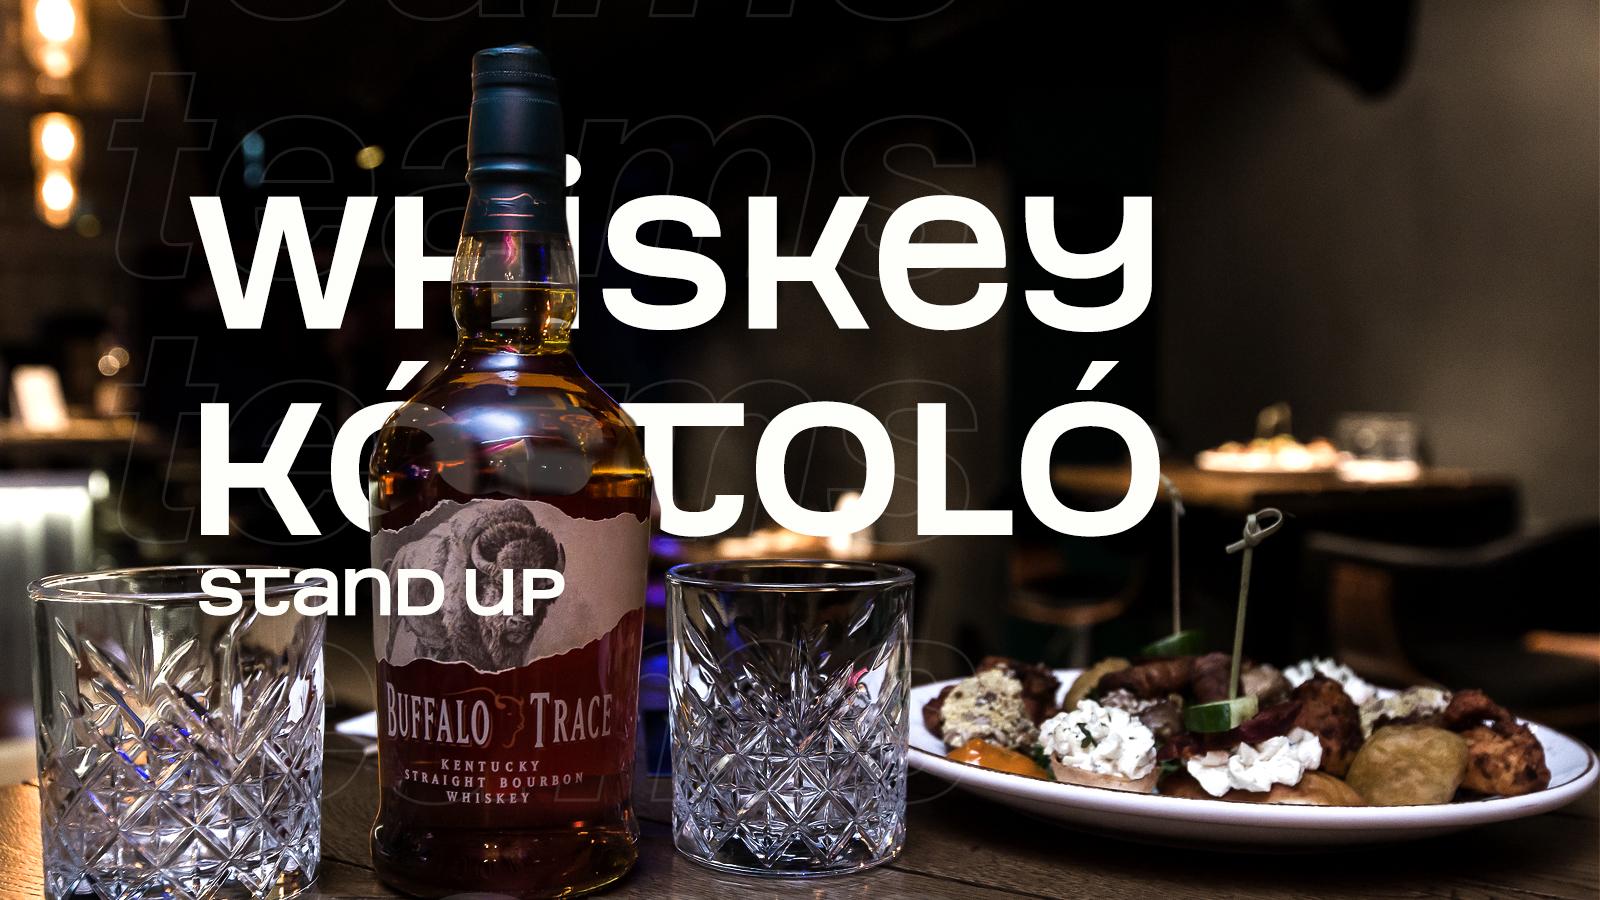 Whisky kóstoló - standup